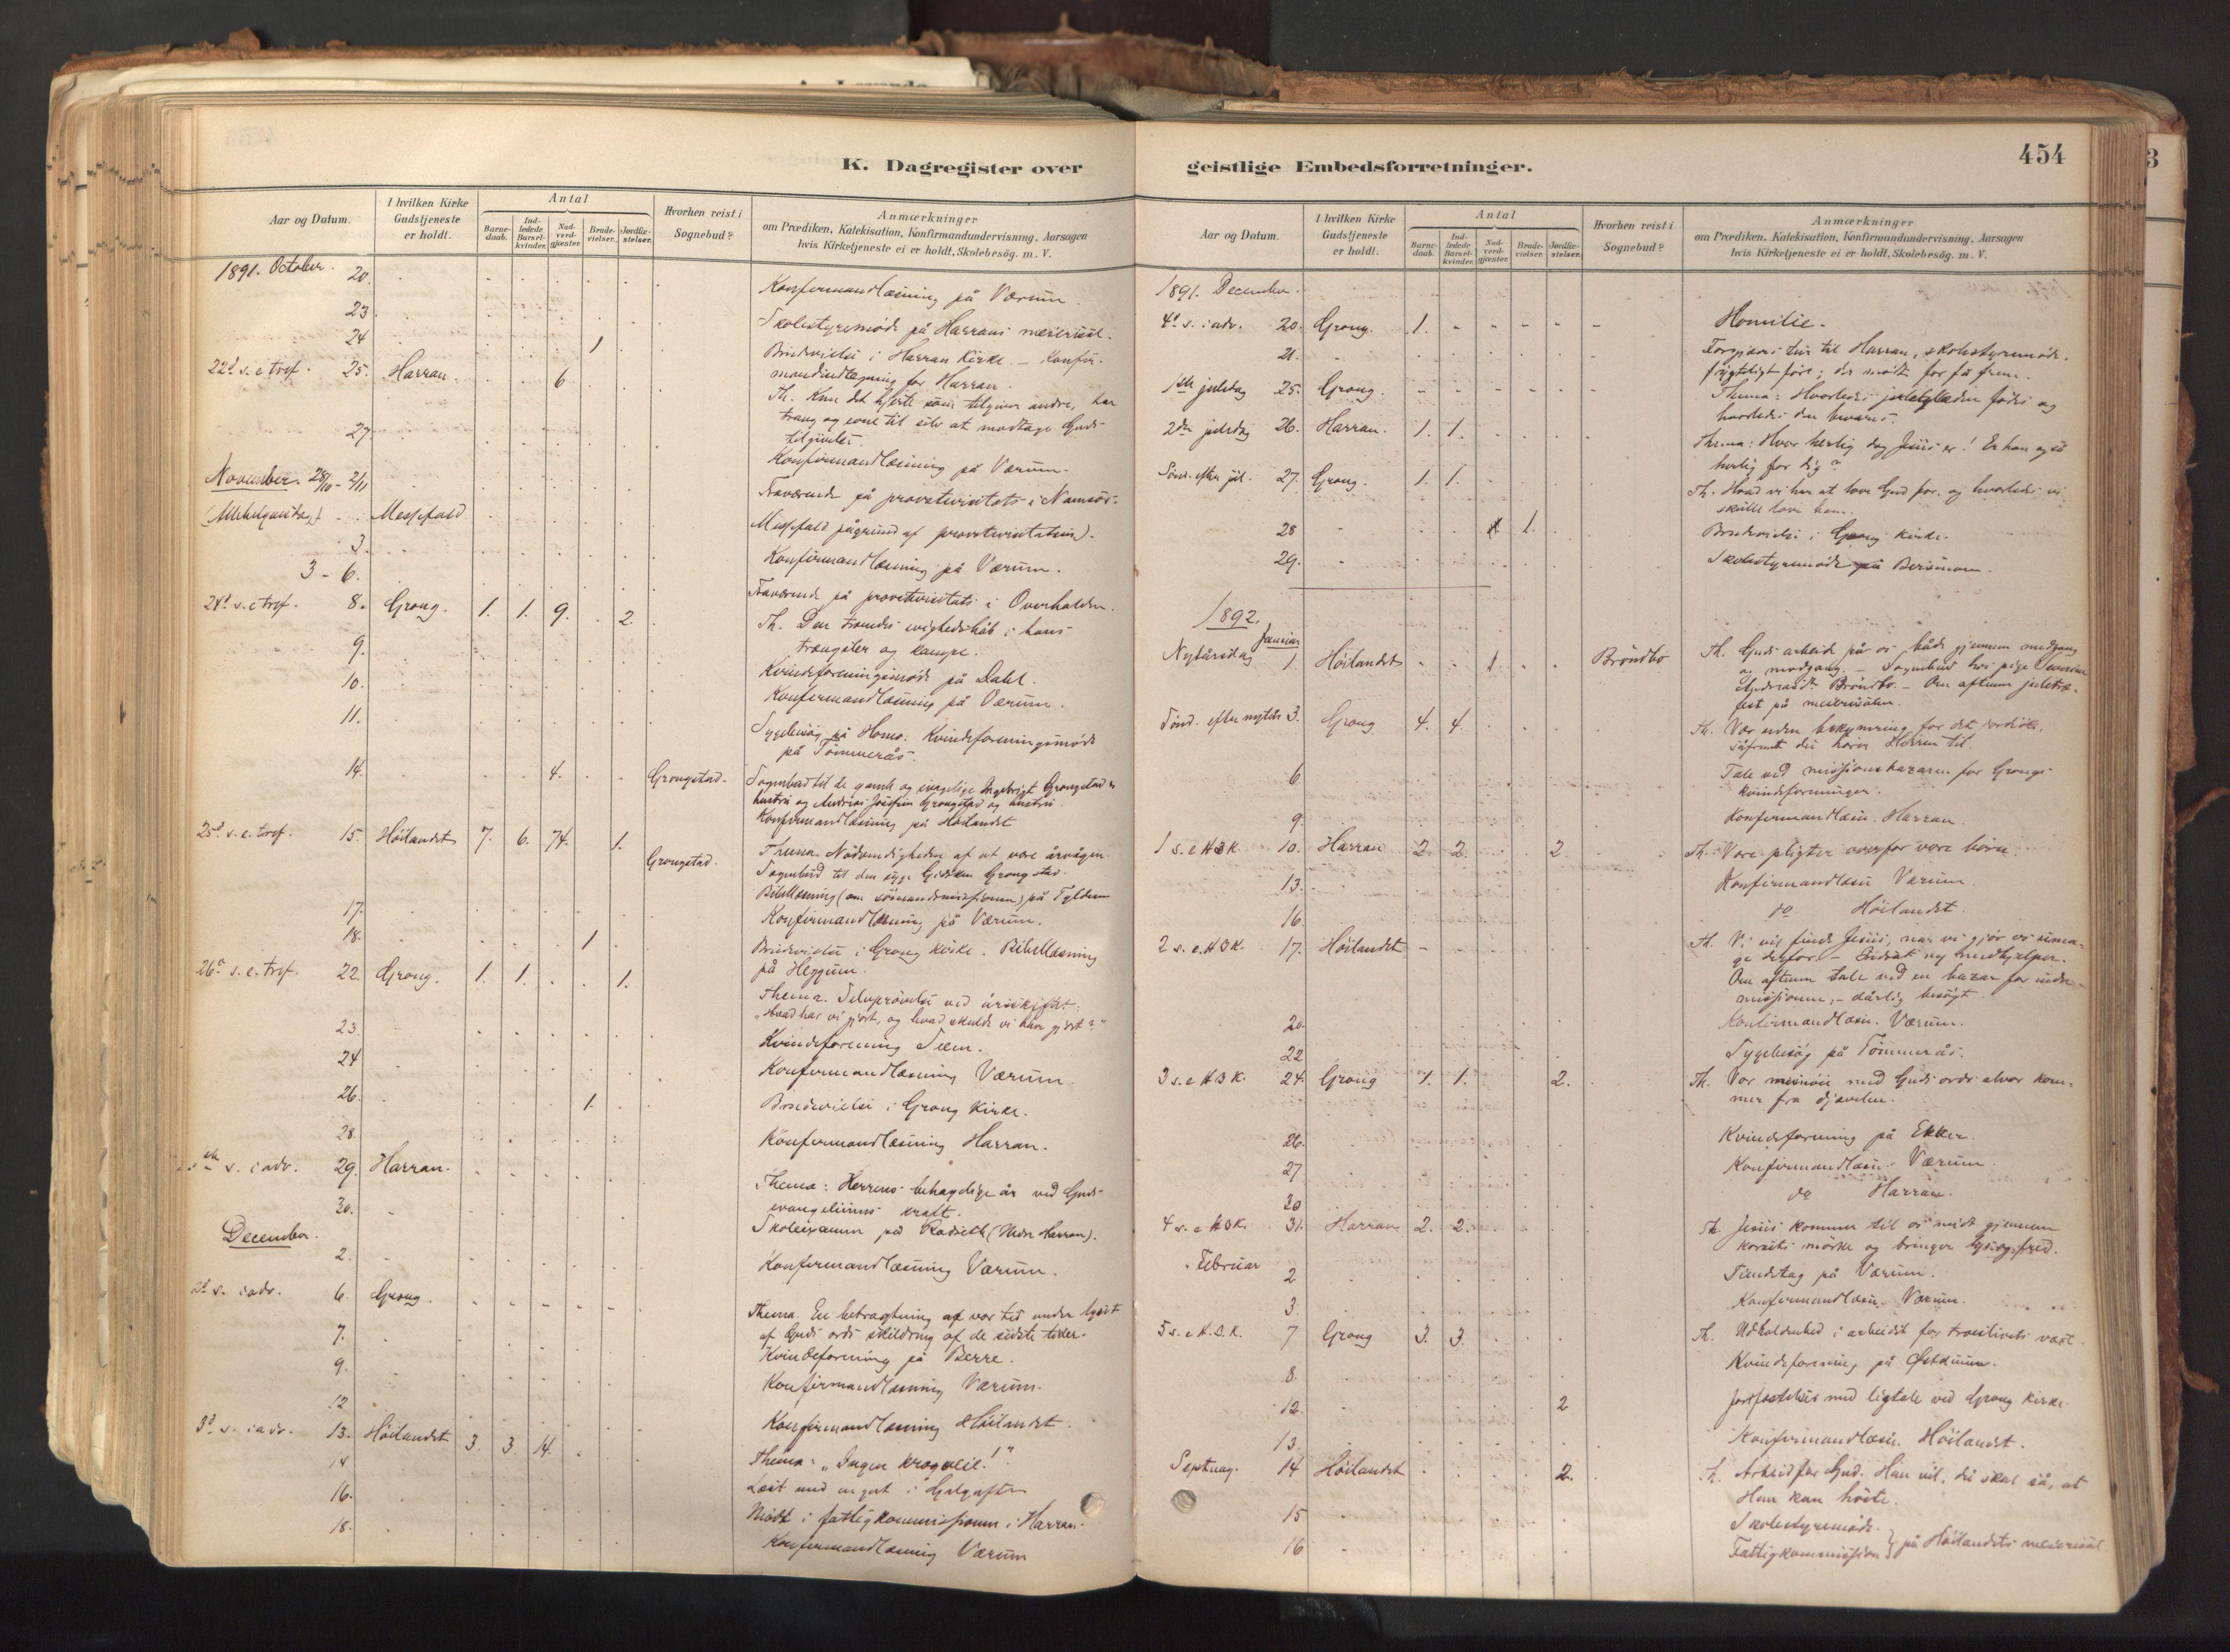 SAT, Ministerialprotokoller, klokkerbøker og fødselsregistre - Nord-Trøndelag, 758/L0519: Ministerialbok nr. 758A04, 1880-1926, s. 454